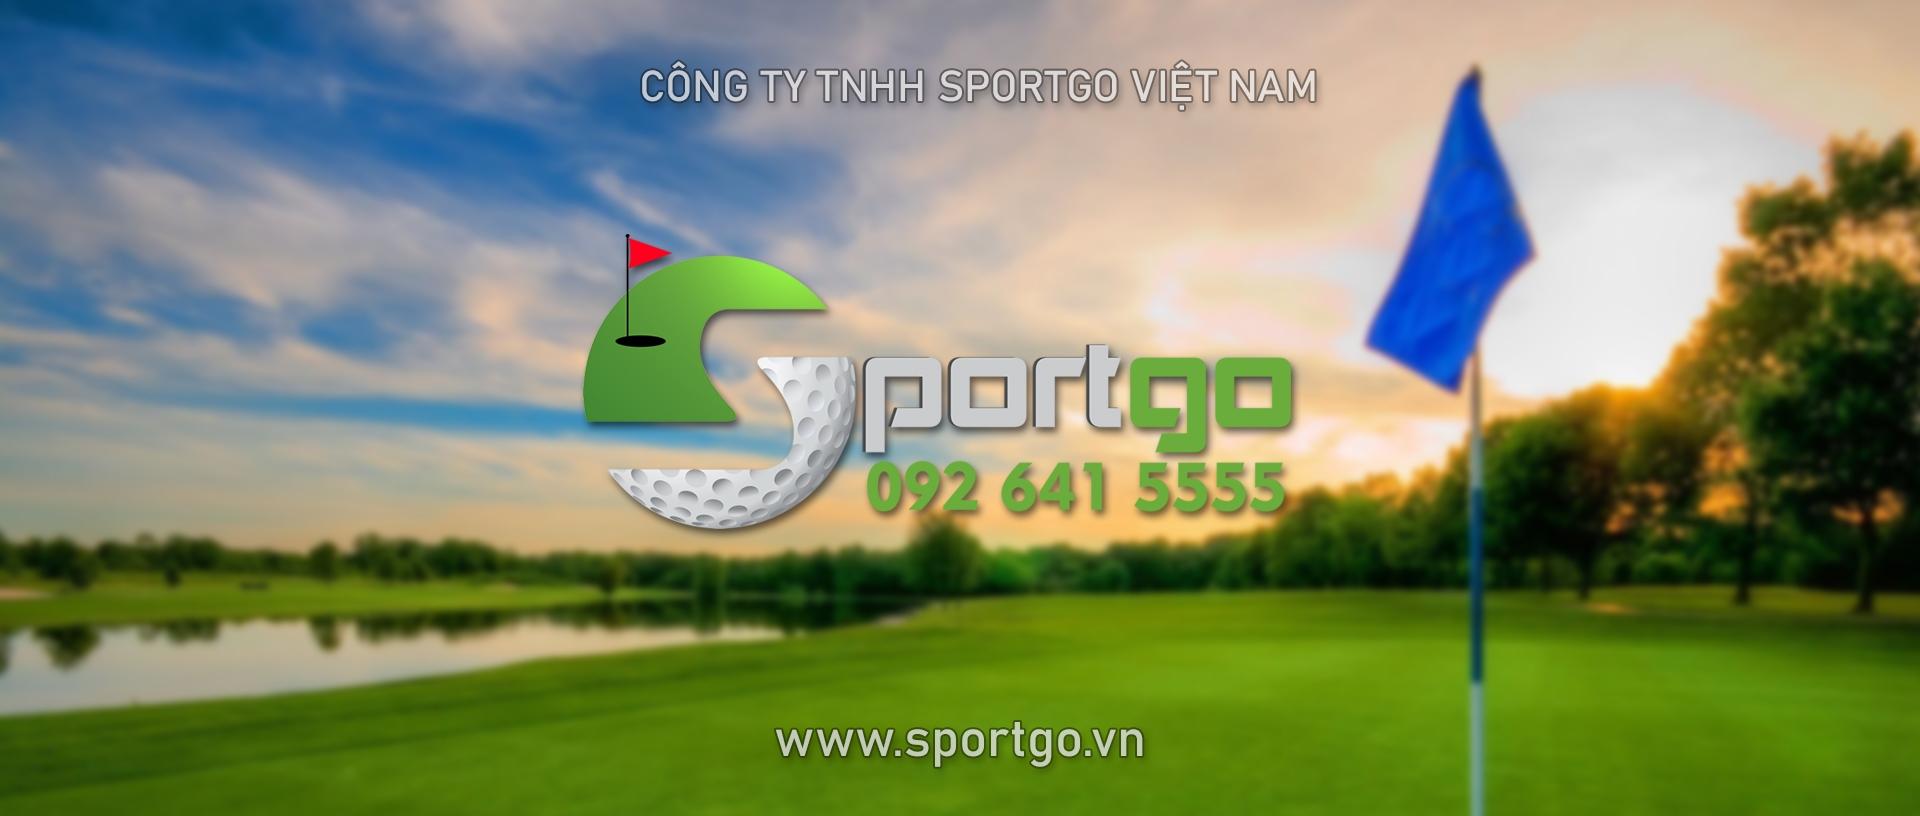 SportGo Vienam (@sprotgo) Cover Image